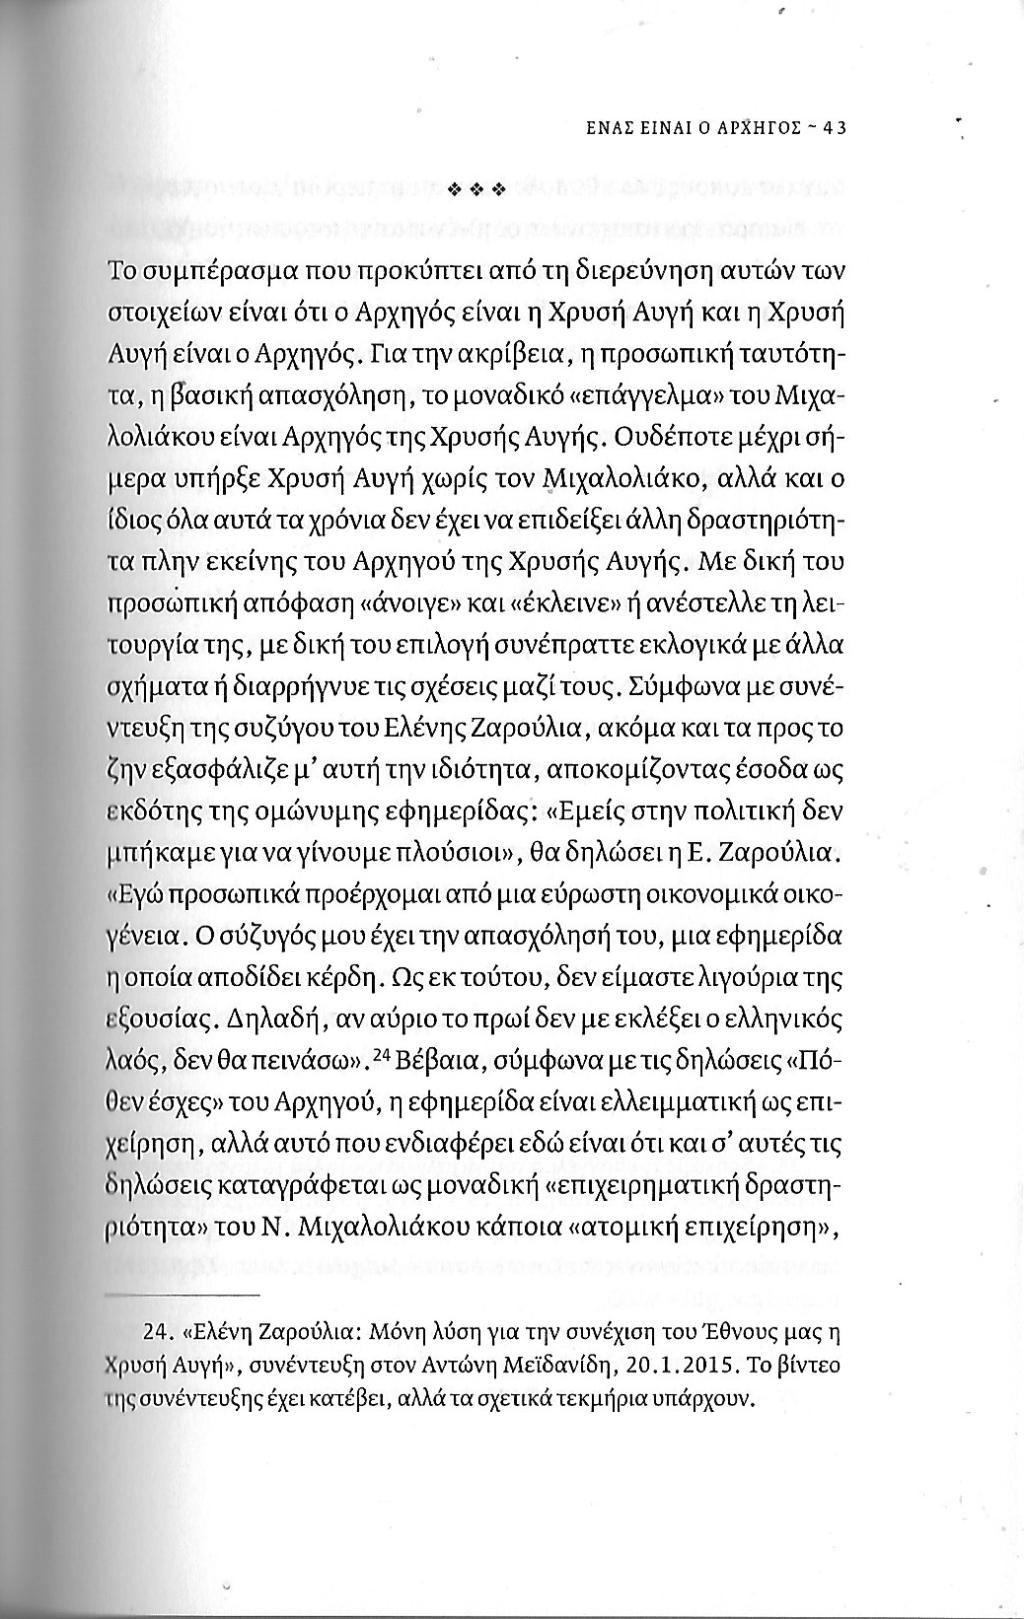 Παραπομπή σε άρθρο του ιστολογίου για τα επαγγελματικά του Φίρερ: Δημήτρης Ψαρράς: Ο Αρχηγός Το αίνιγμα του Νίκου Μιχαλολιάκου, Πόλις, 2018, σελ. 43